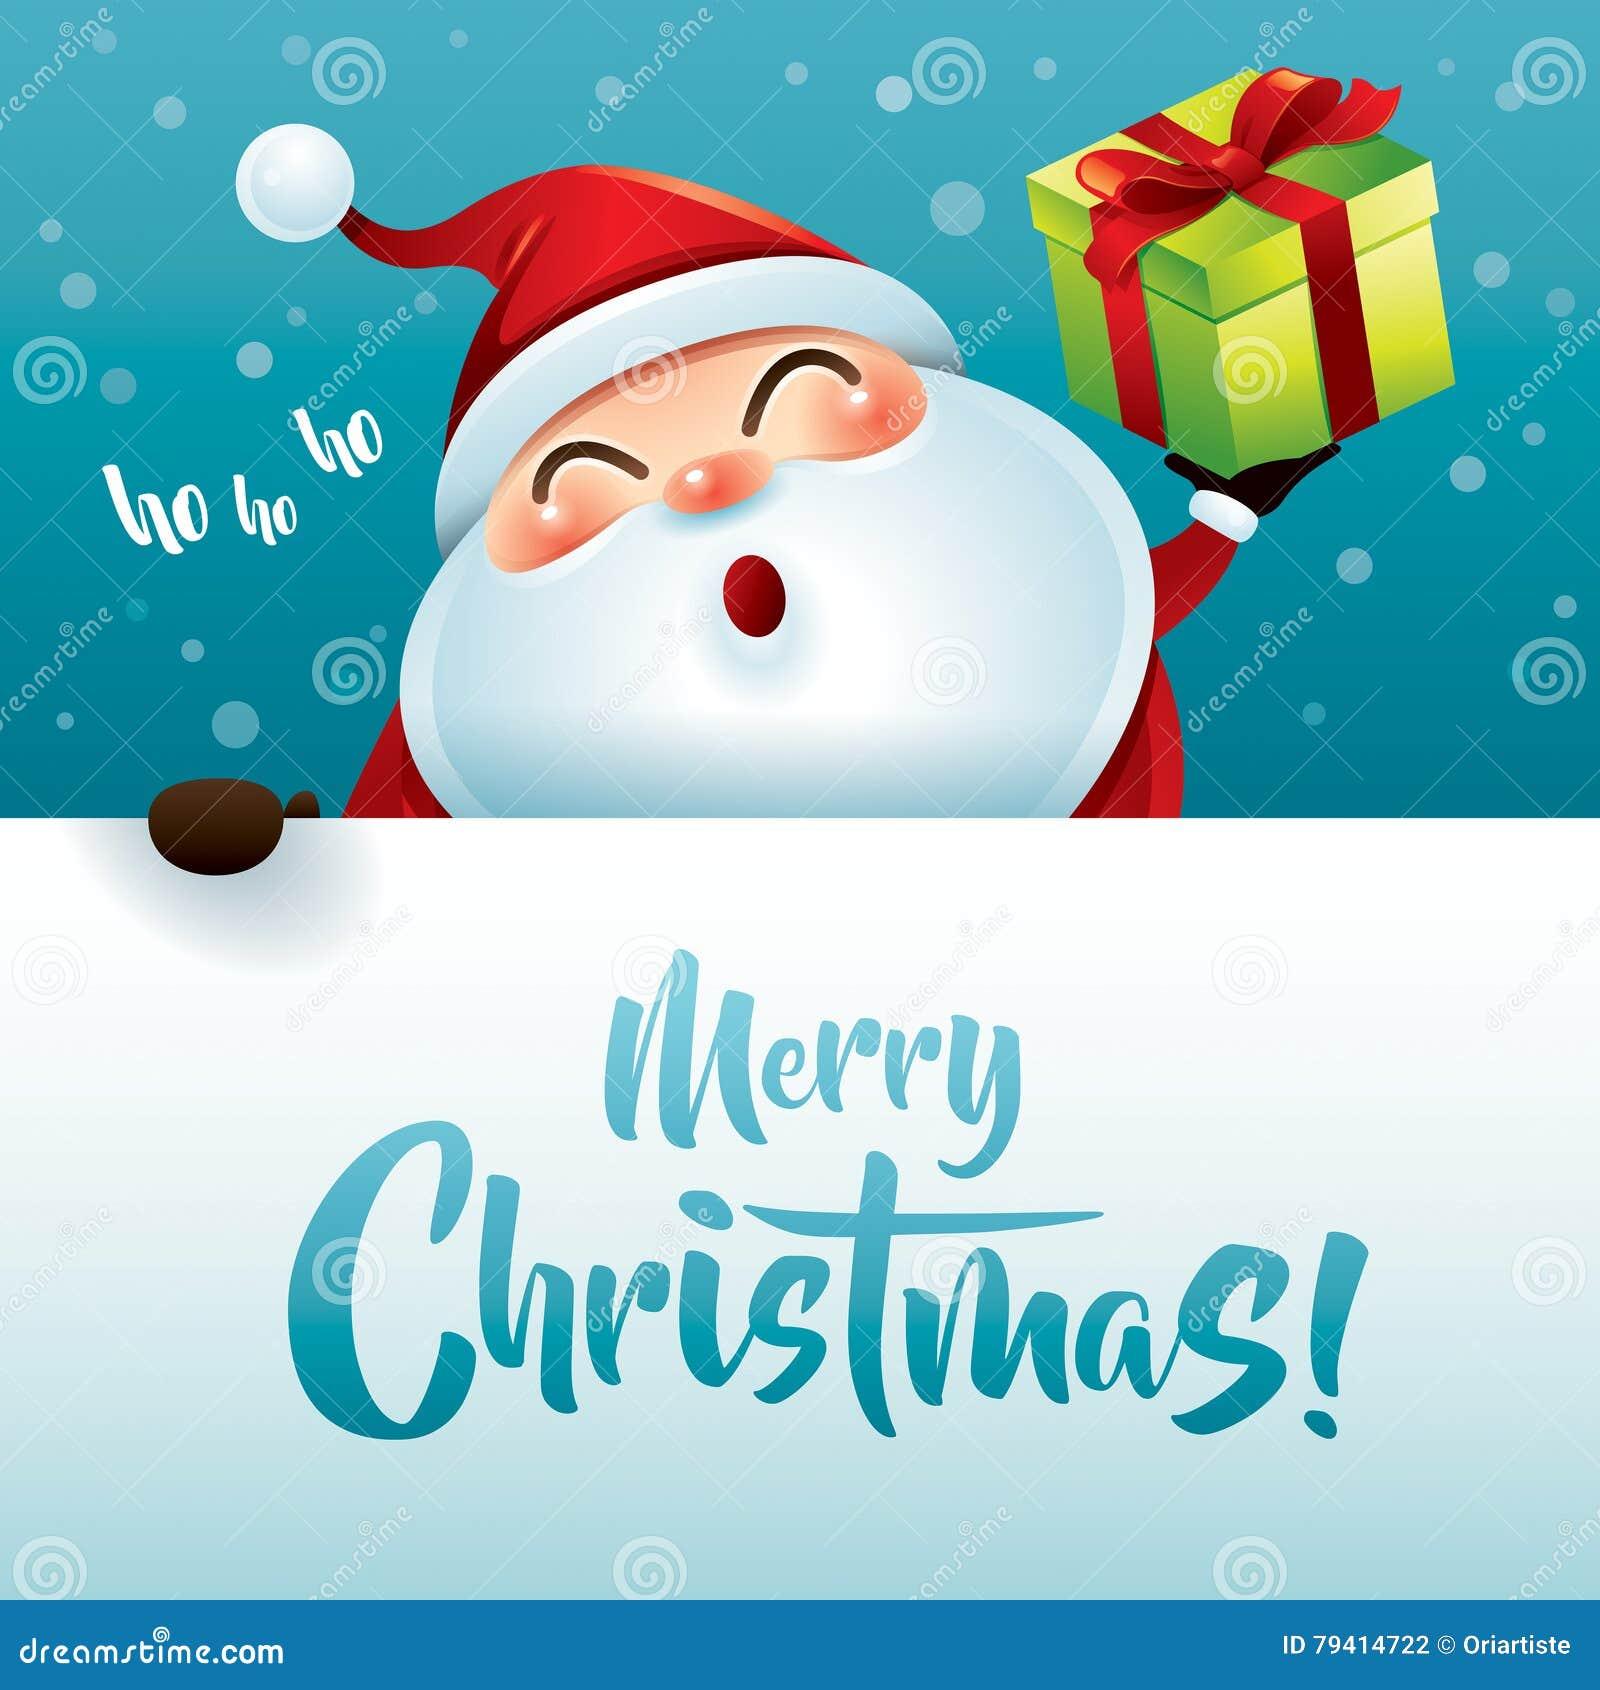 HO HO HO! Merry Christmas! Stock Vector - Image: 79414722